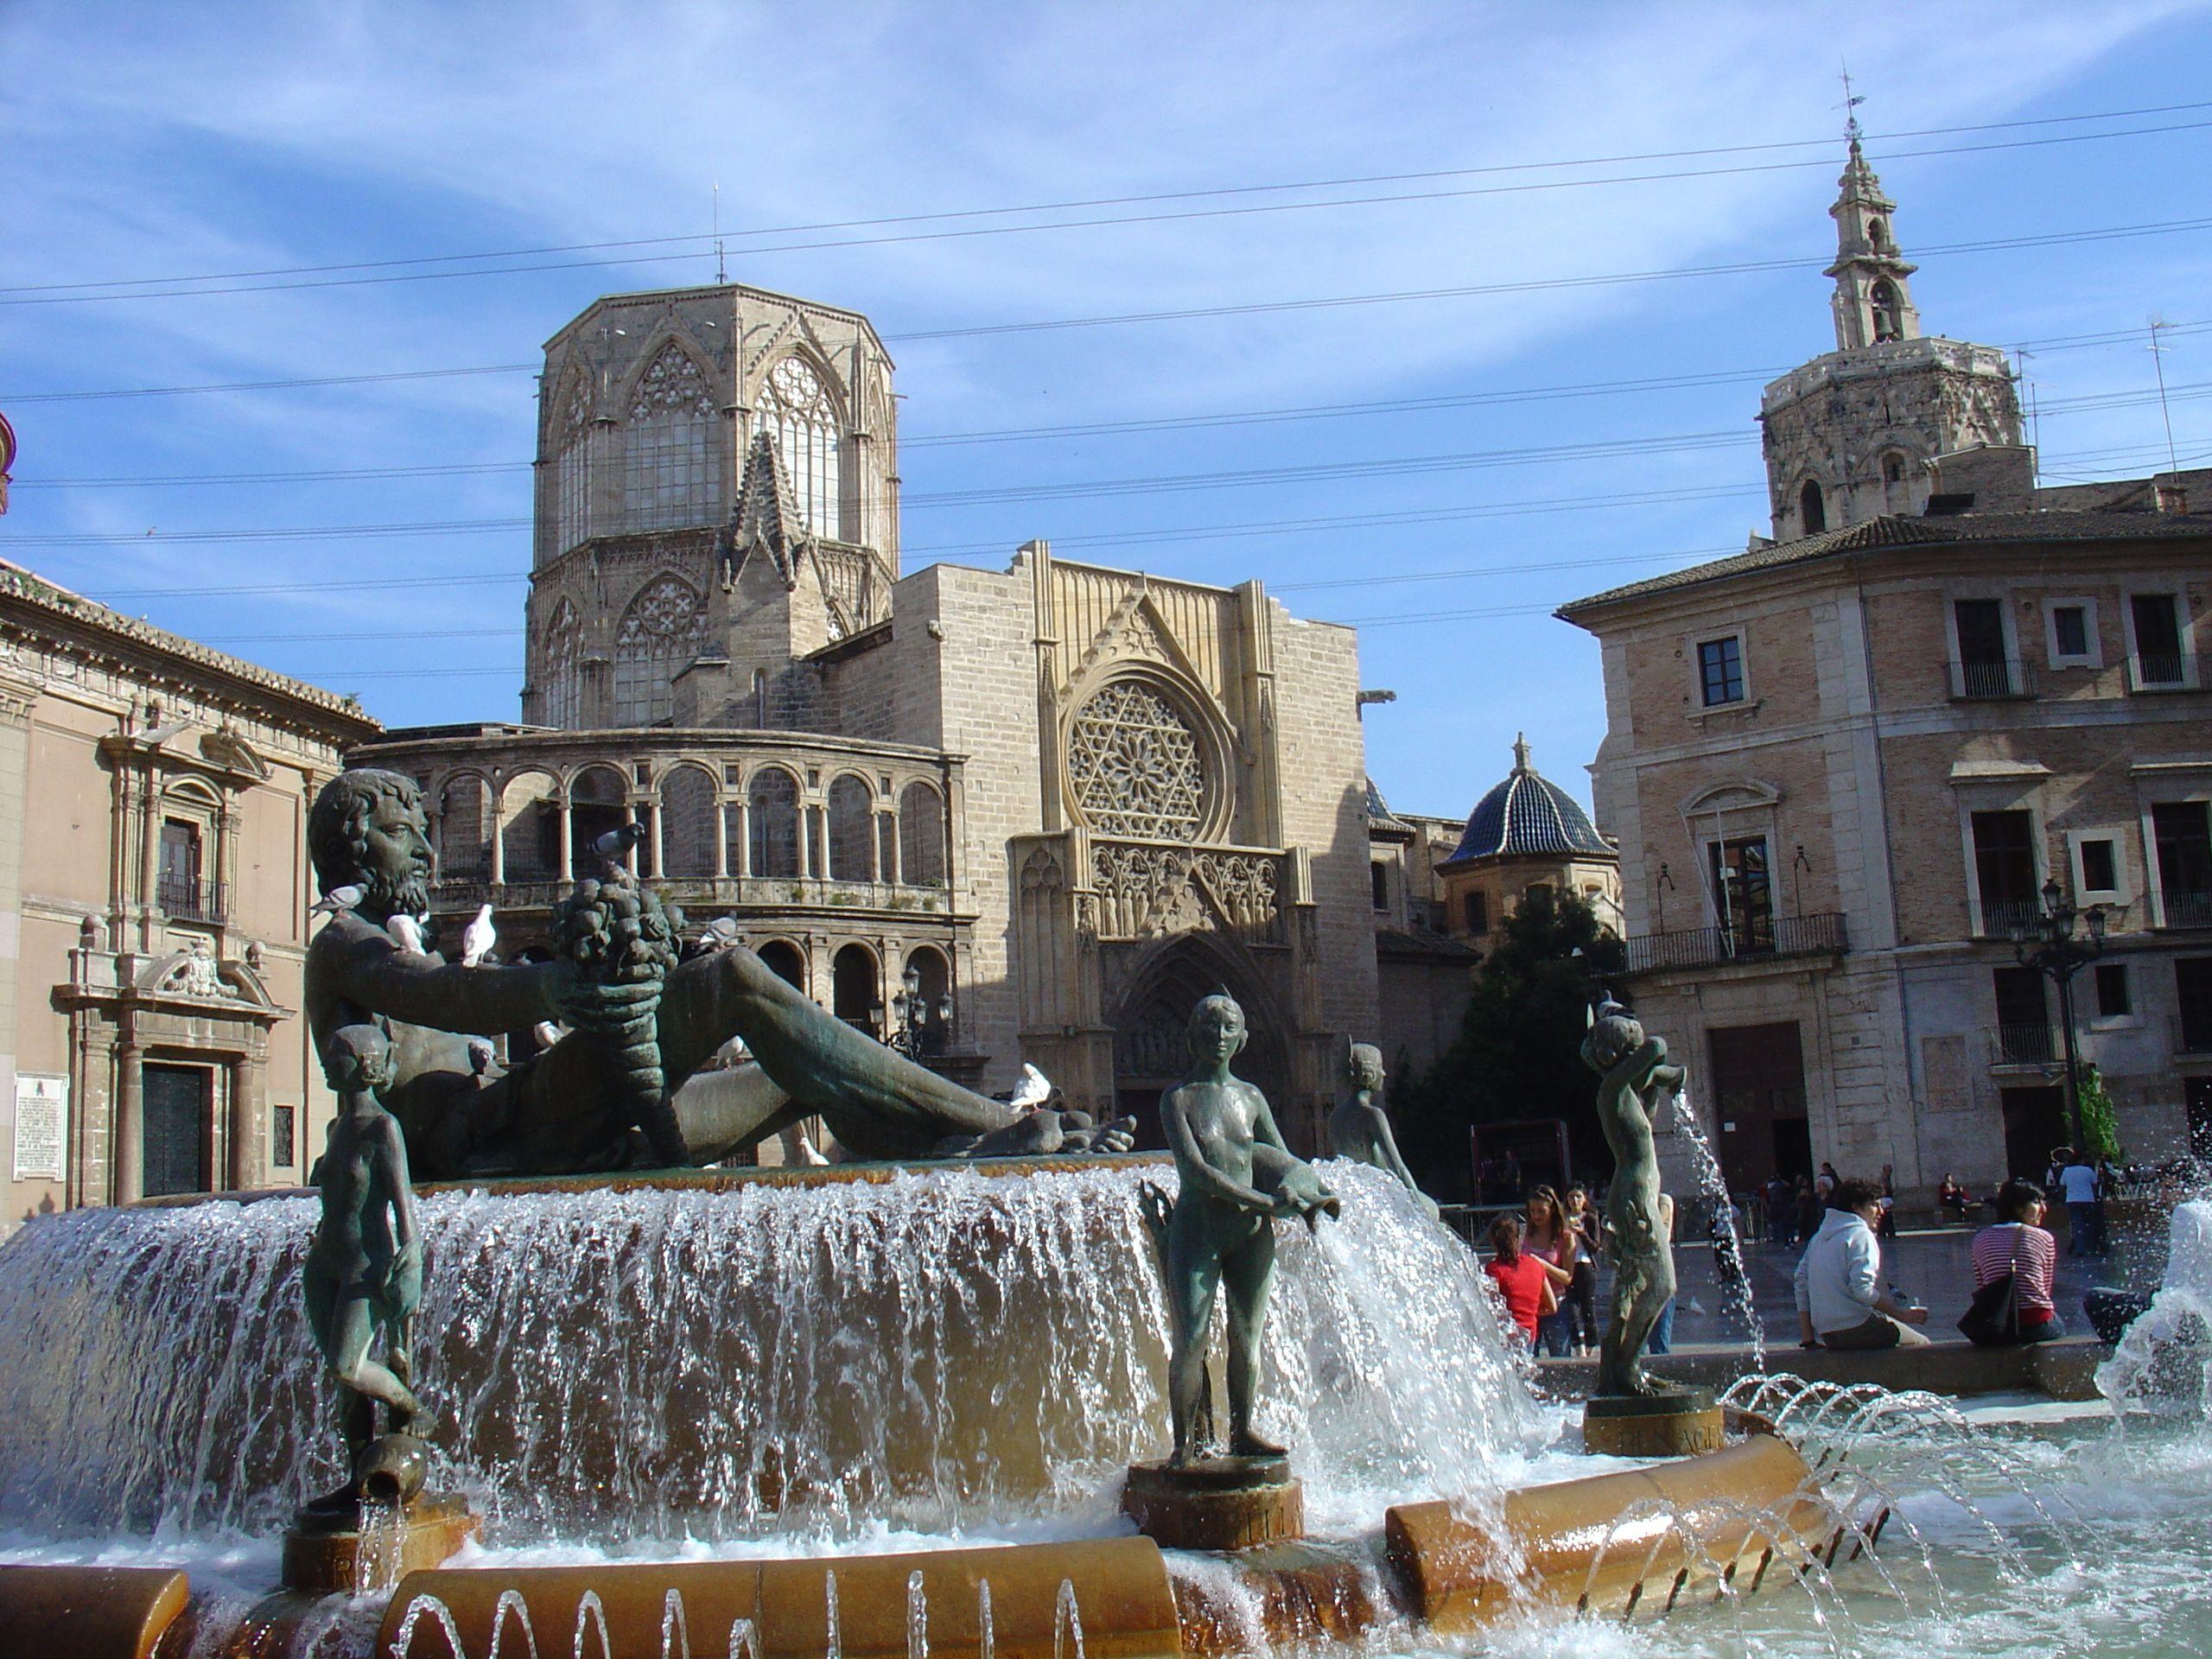 Le 9 octobre 1238, le roi d'Aragon consacrait la grande mosquée de Valence, rendue au culte catholique